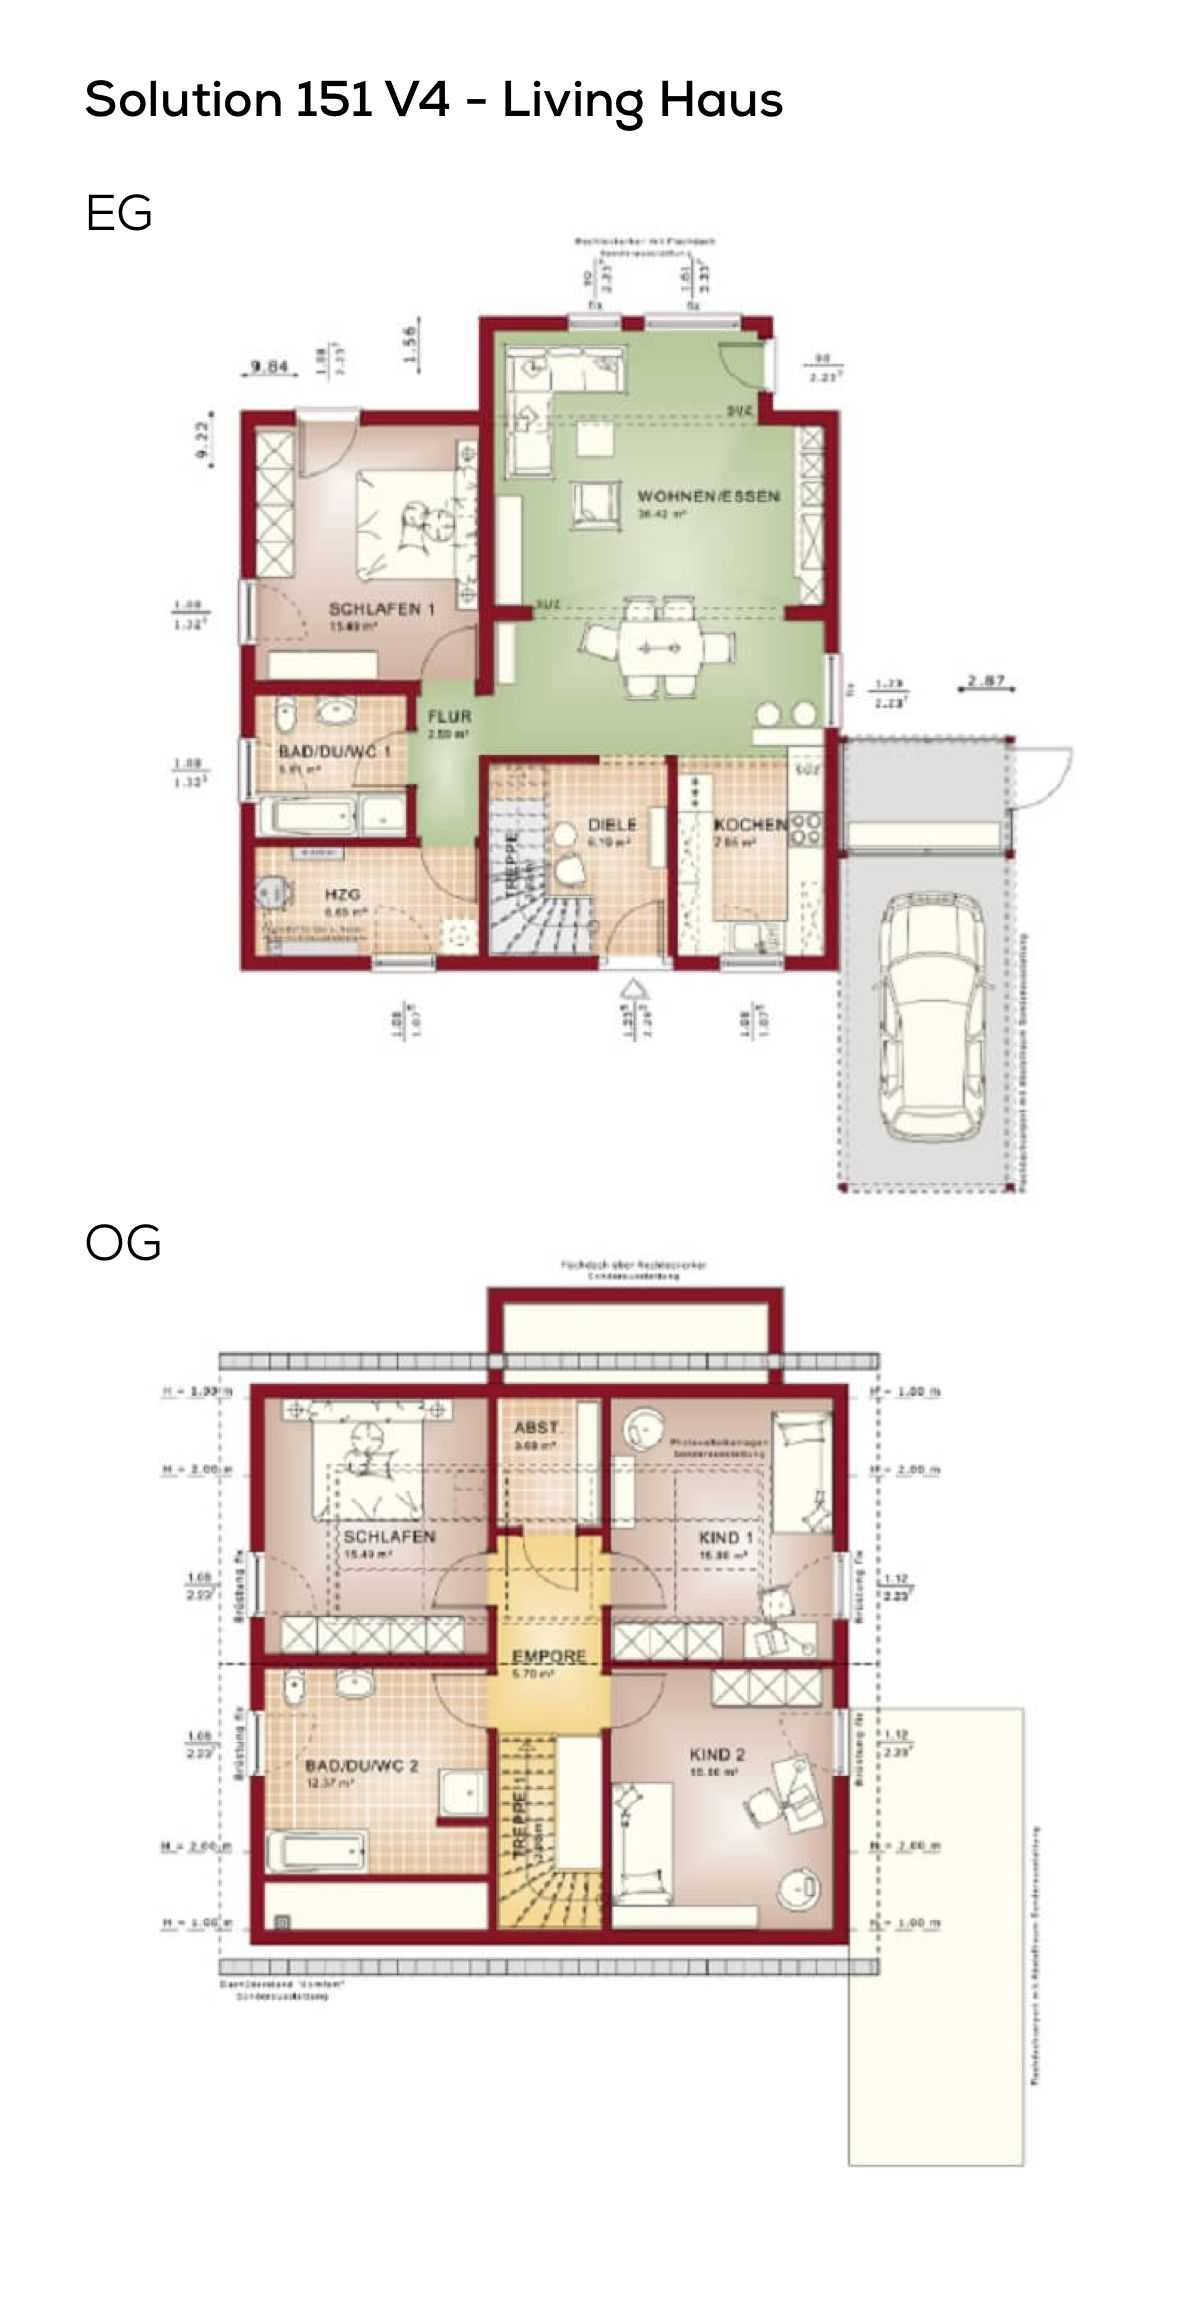 grundriss einfamilienhaus mit satteldach 5 zimmer 150 qm wohnfl che carport ohne keller. Black Bedroom Furniture Sets. Home Design Ideas